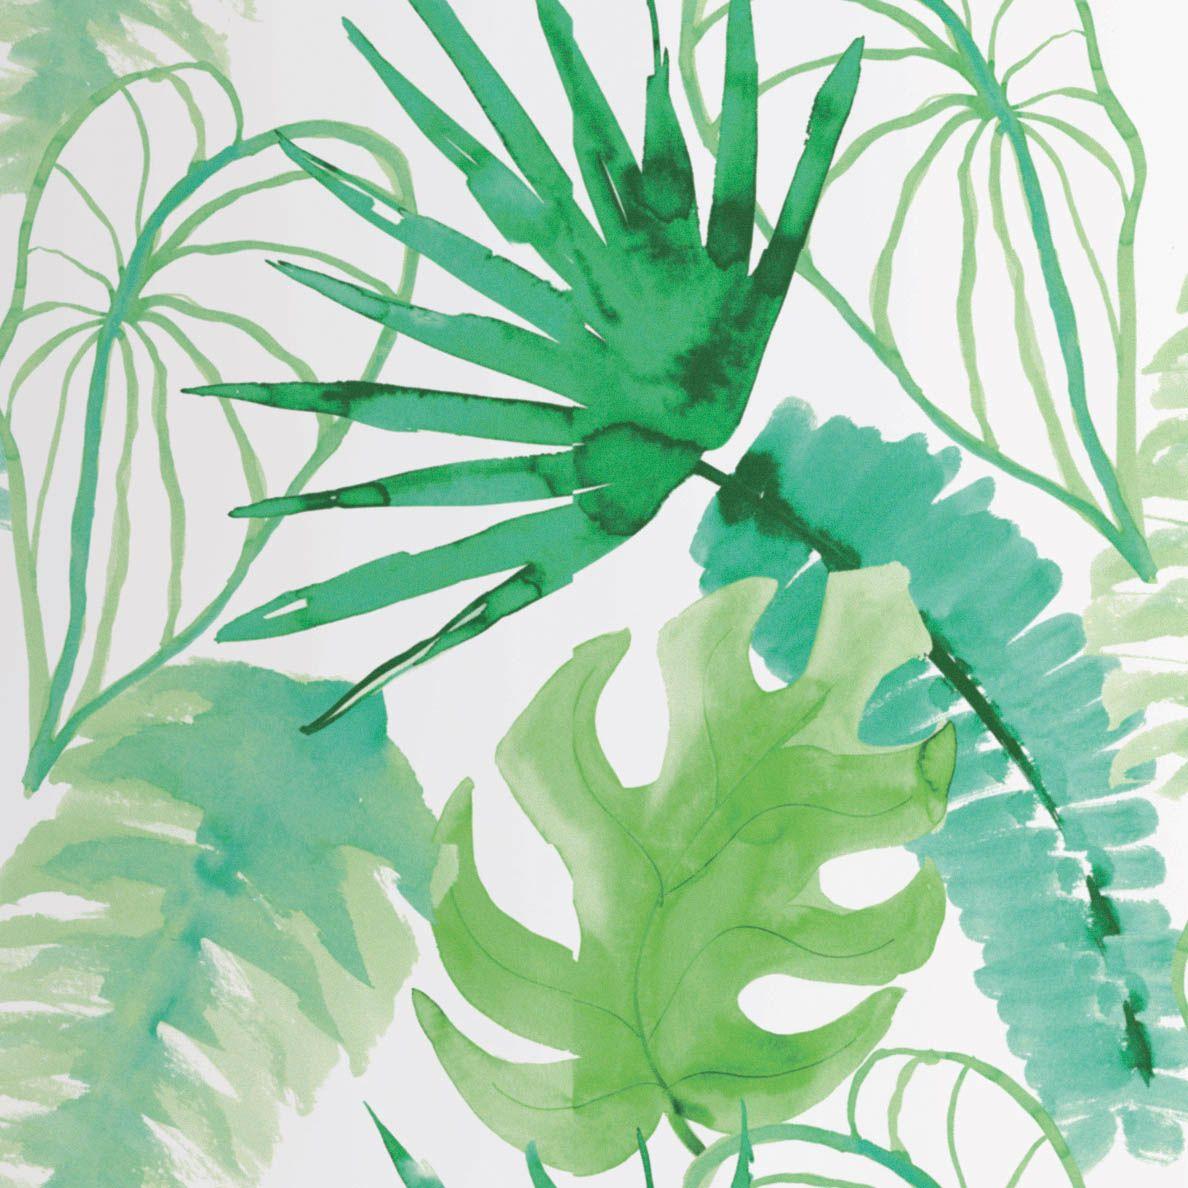 Papier peint 100 intiss motif tropical troop feuilles - Deco printempsidees avec fleurs et motif floral ...